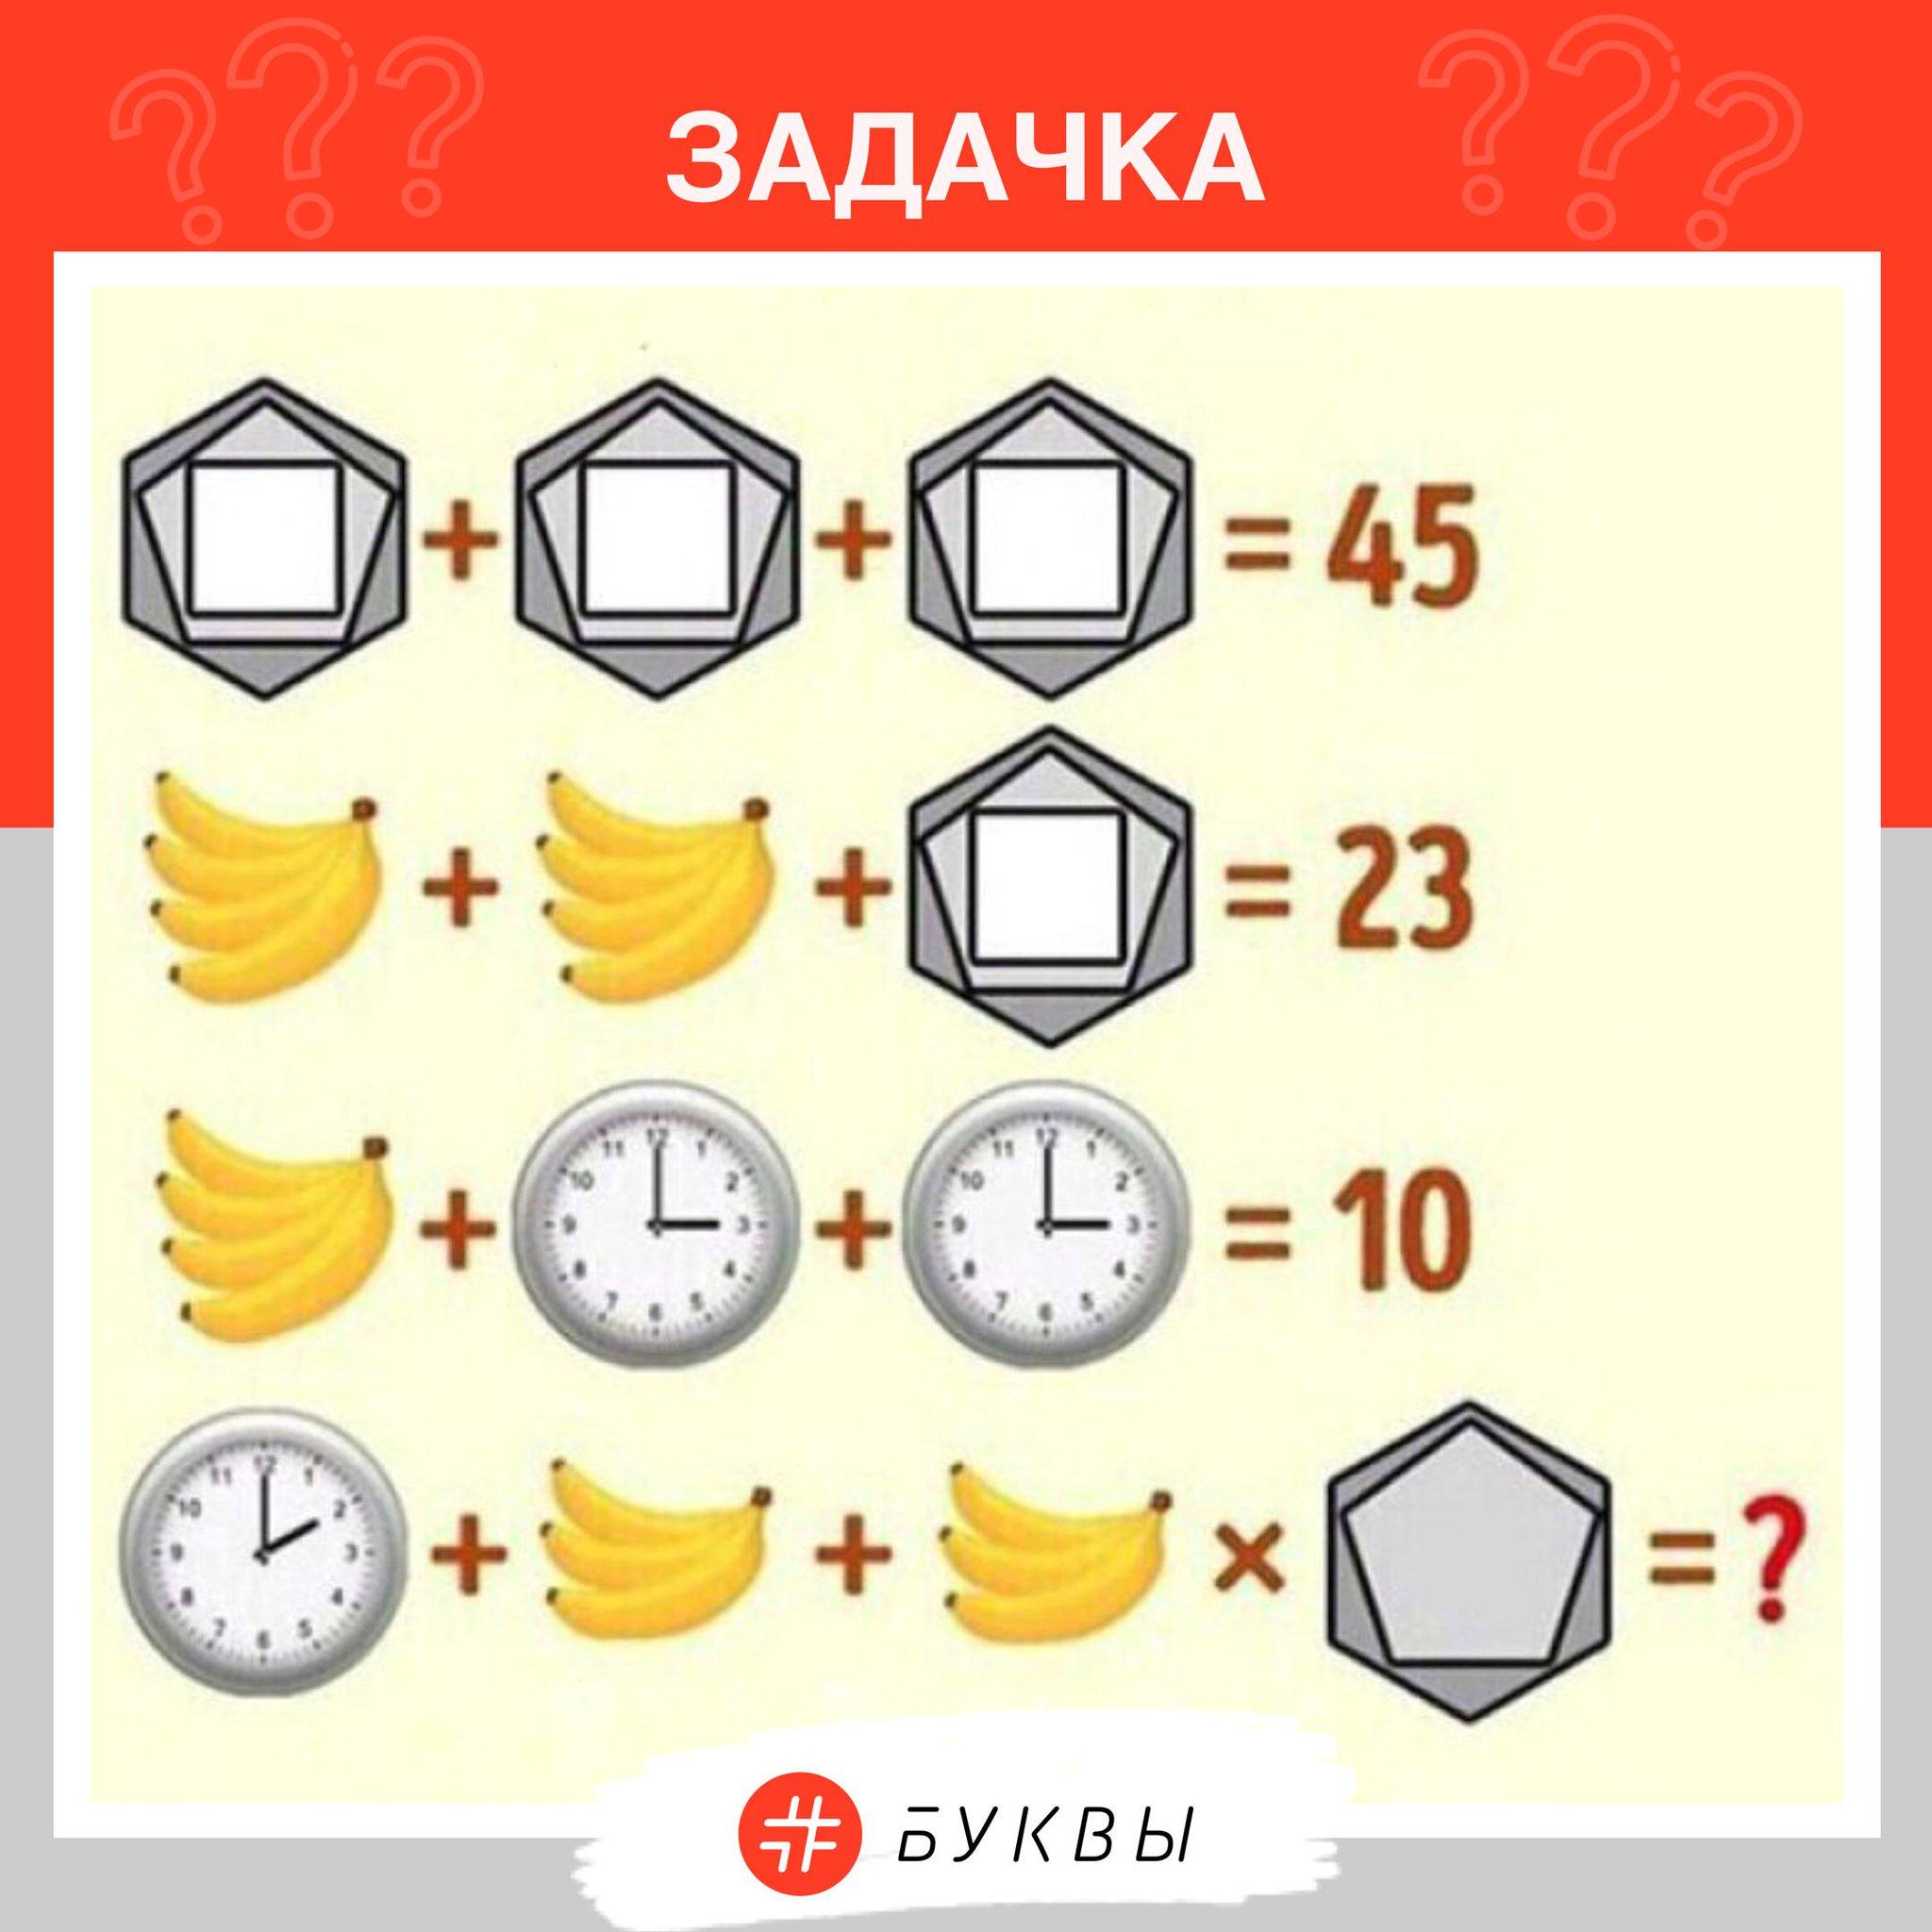 характеризуется, ответы к логическим задачам с картинками программы предусматривают